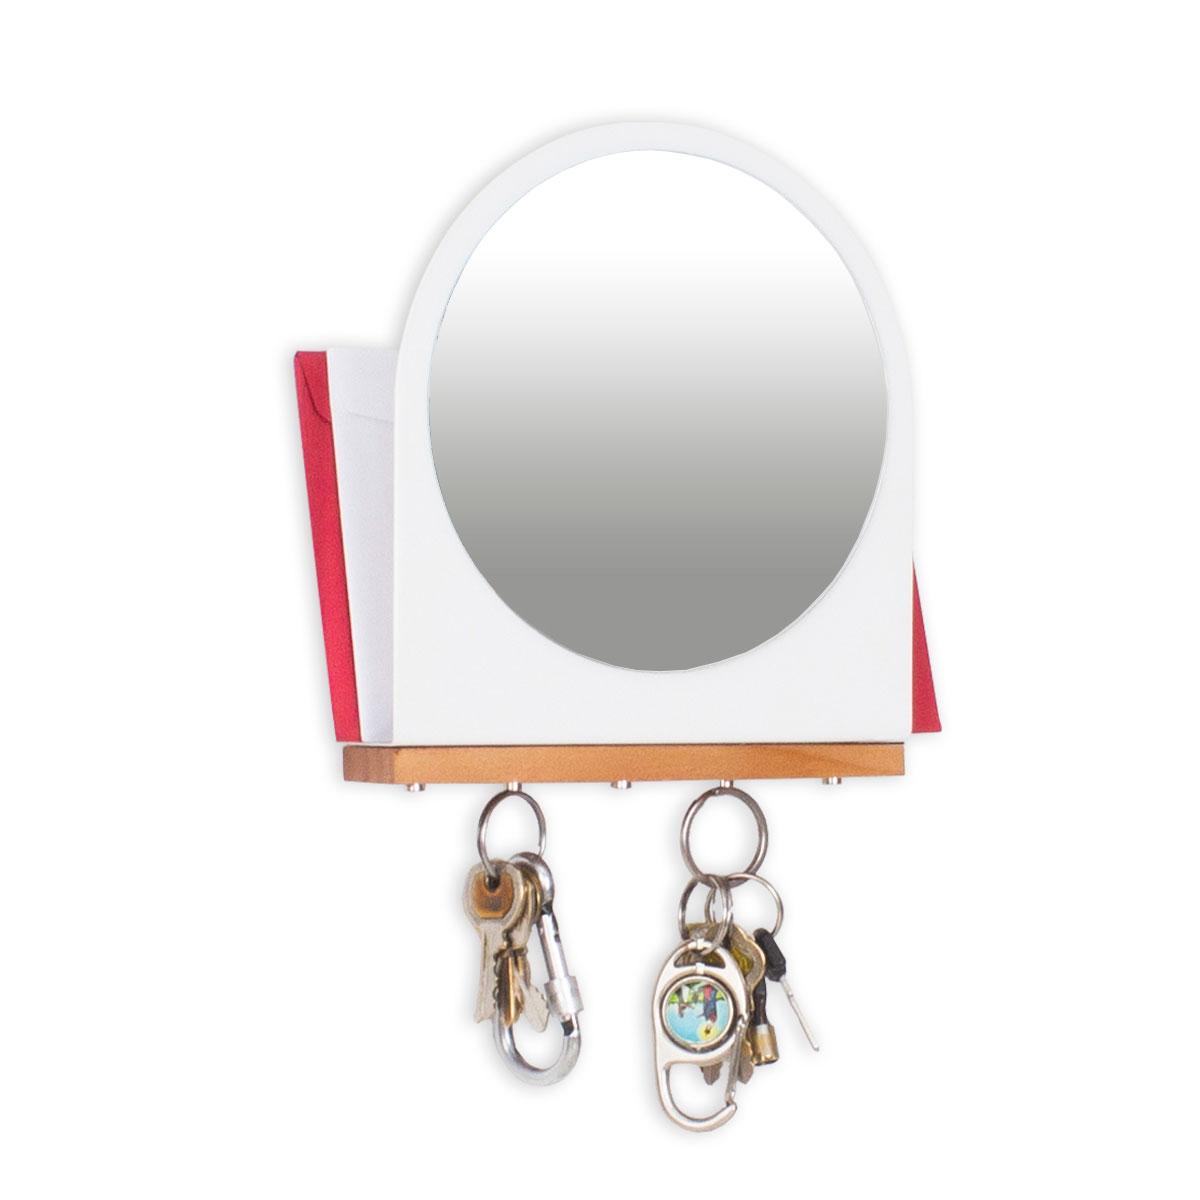 Porta Chaves e Cartas com Imã Espelho Branco - Presente Super